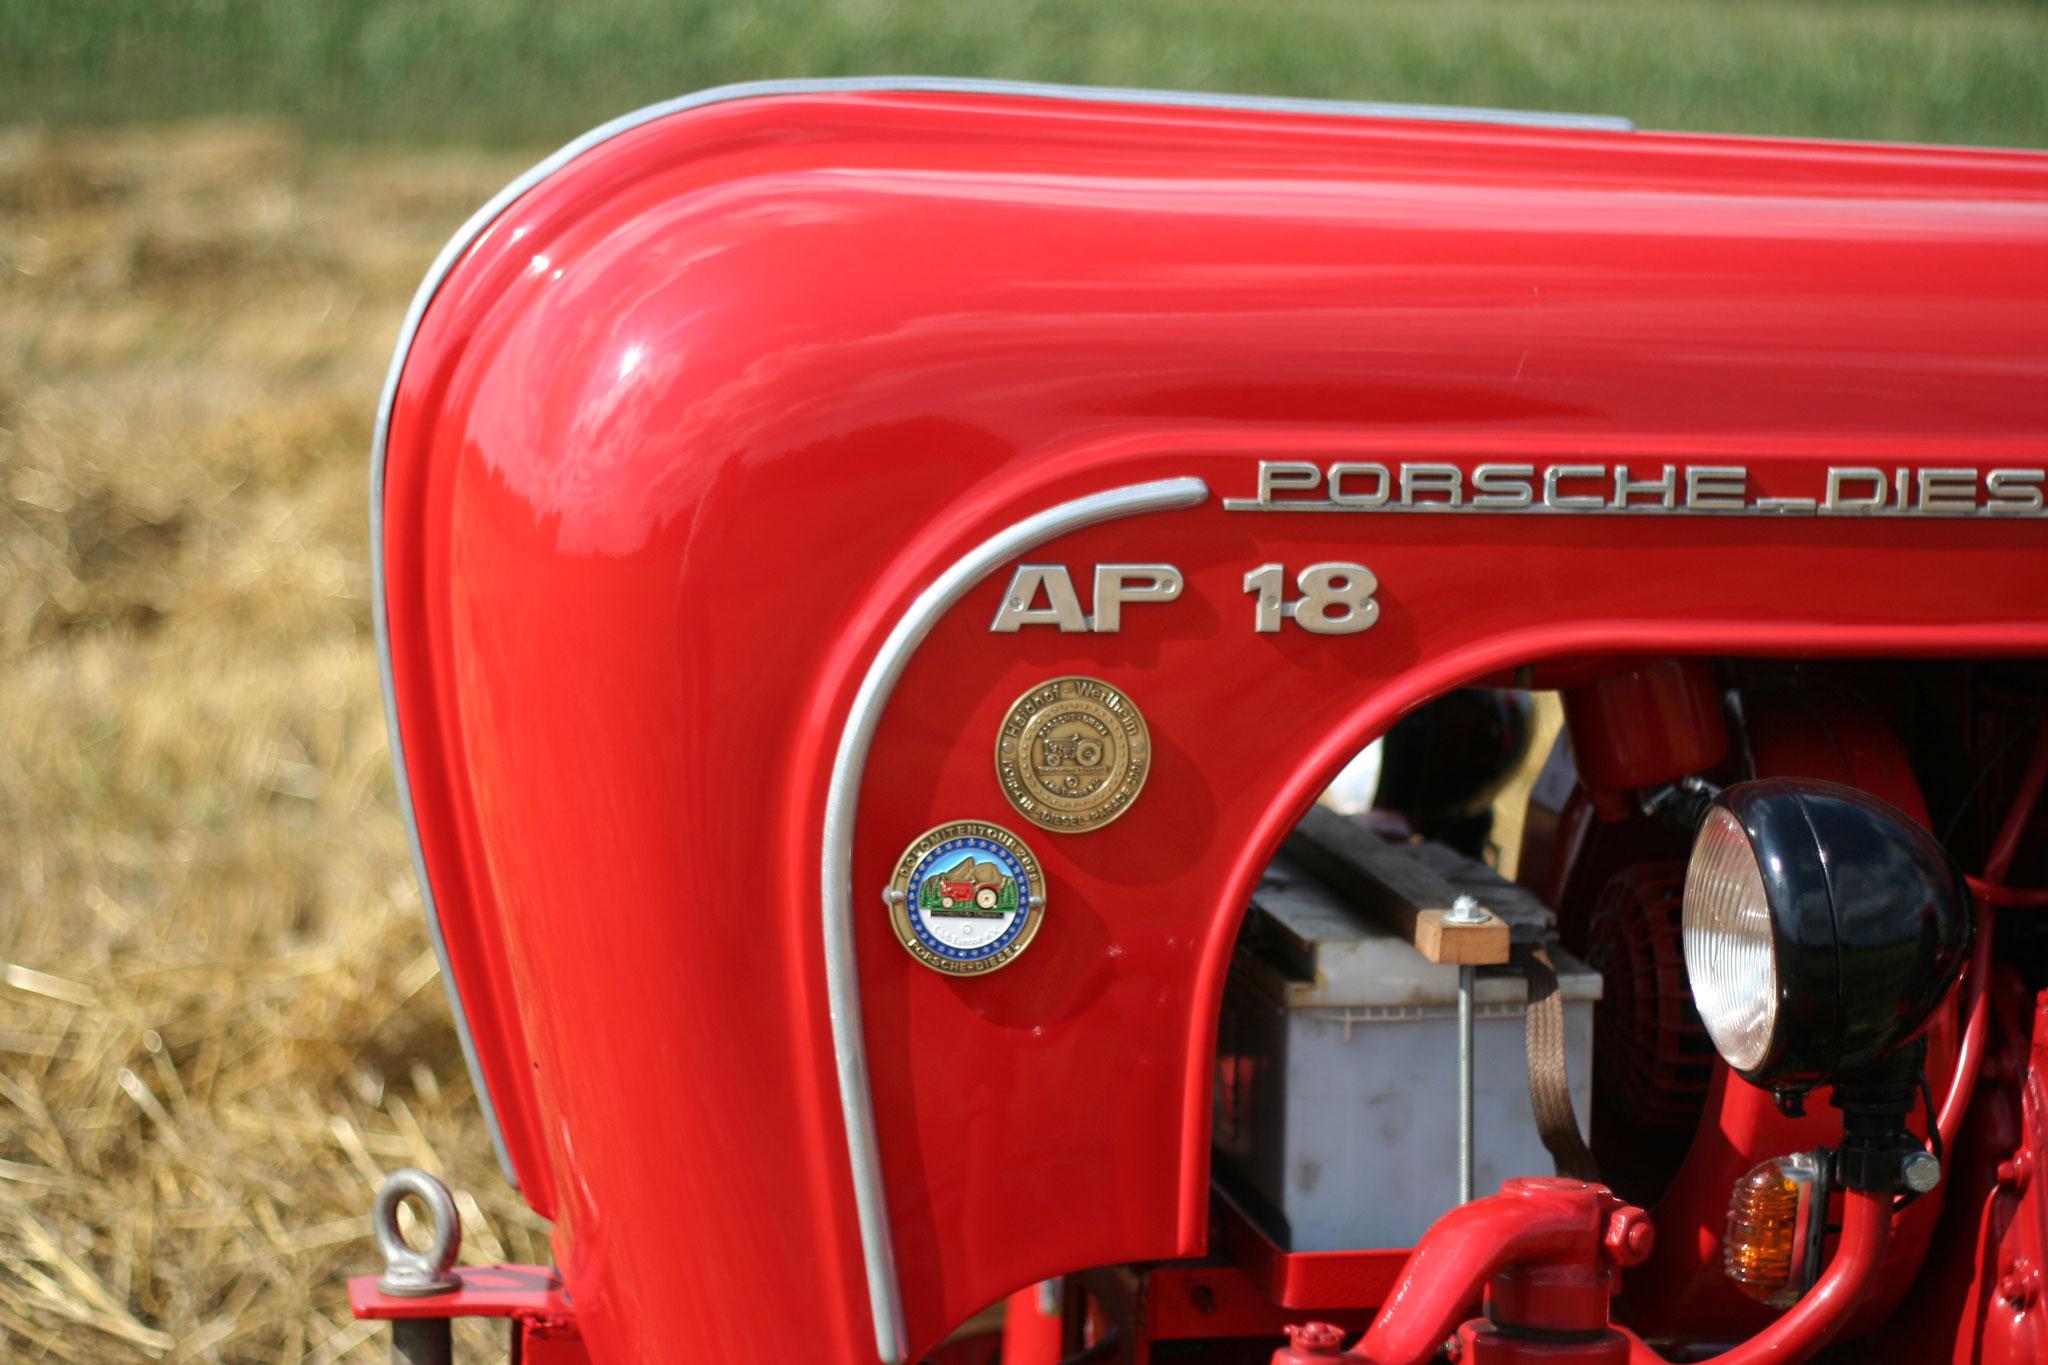 Porsche-Diesel Standard AP18